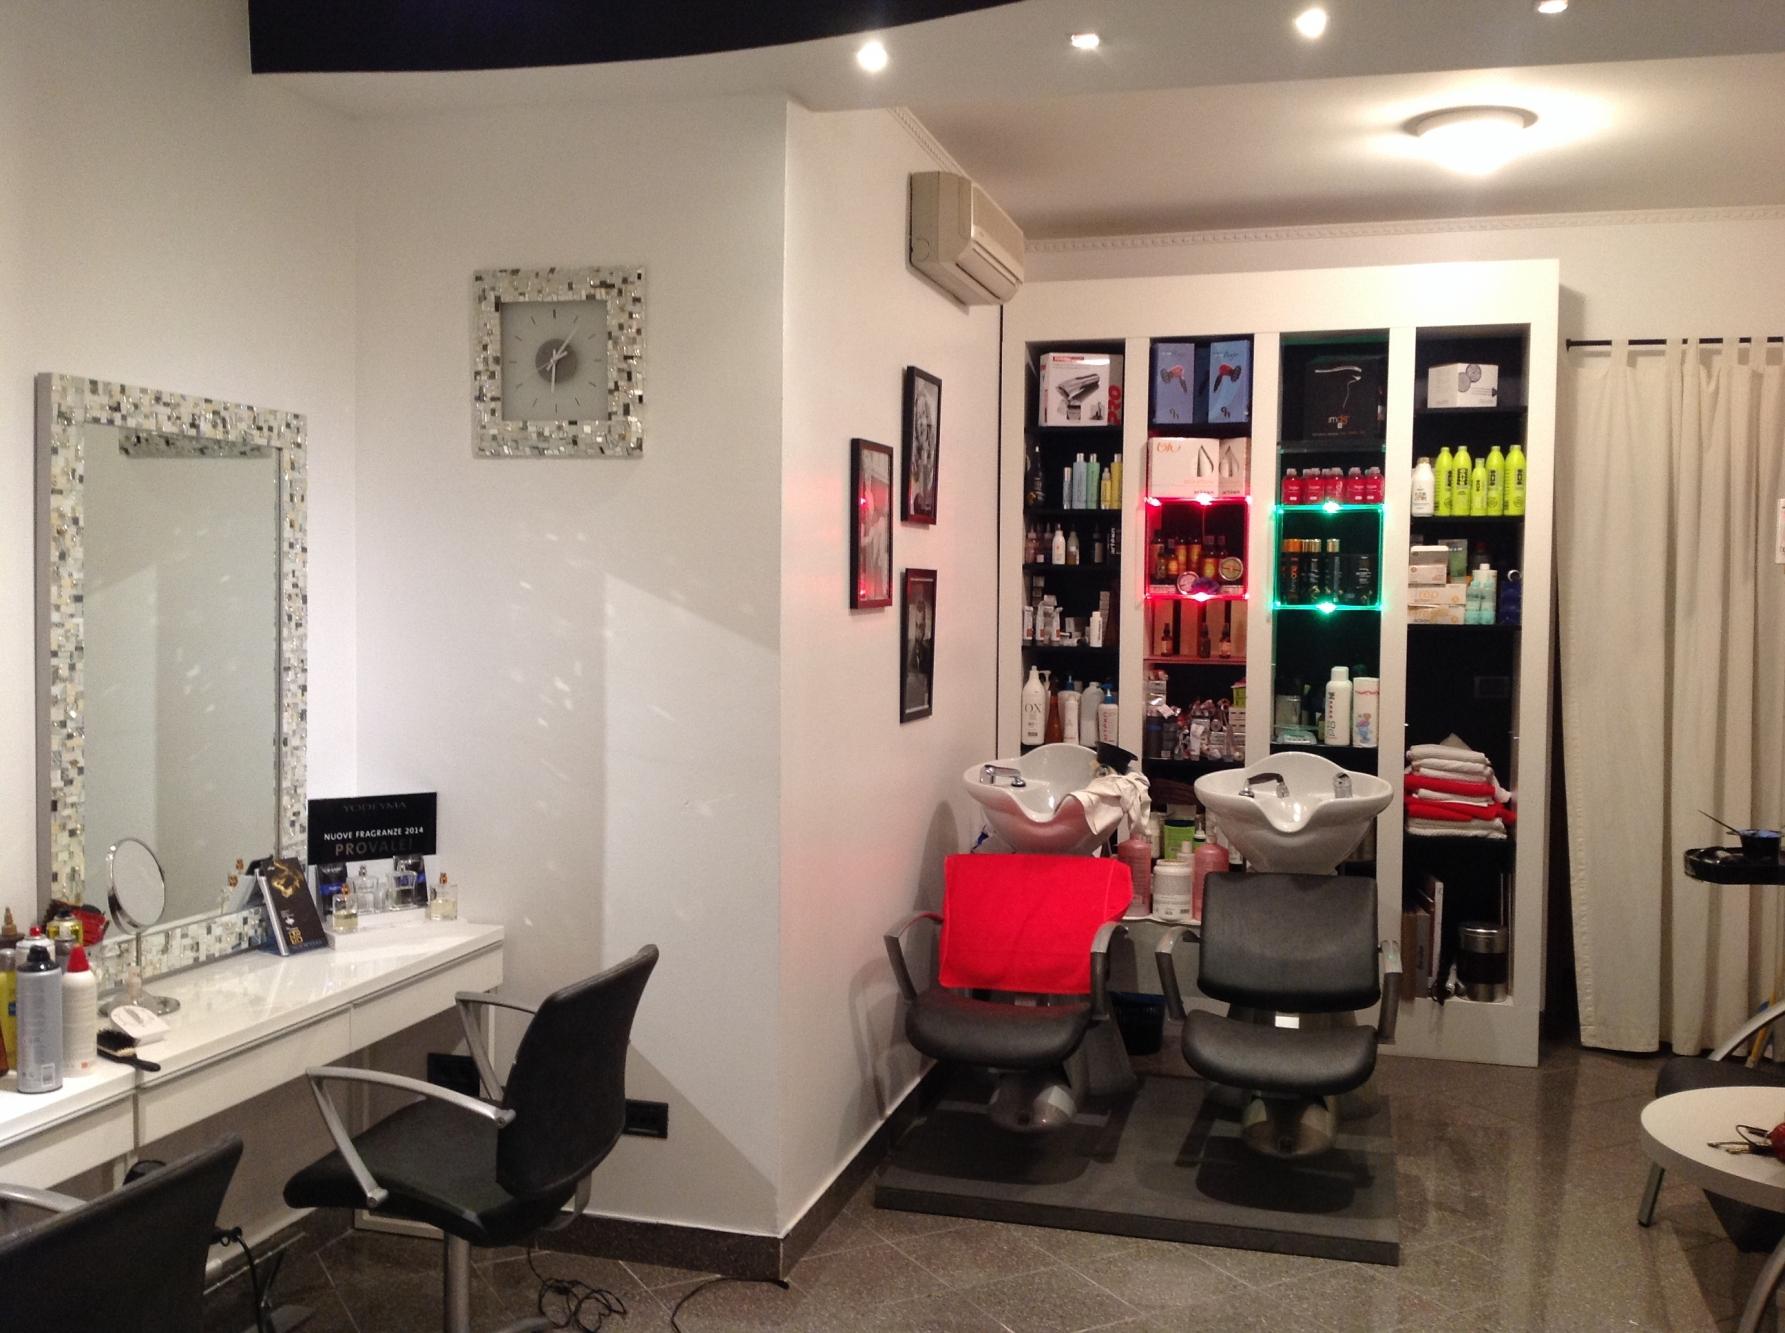 Arredamento per parrucchieri bologna arredamento for Arredamento per parrucchieri